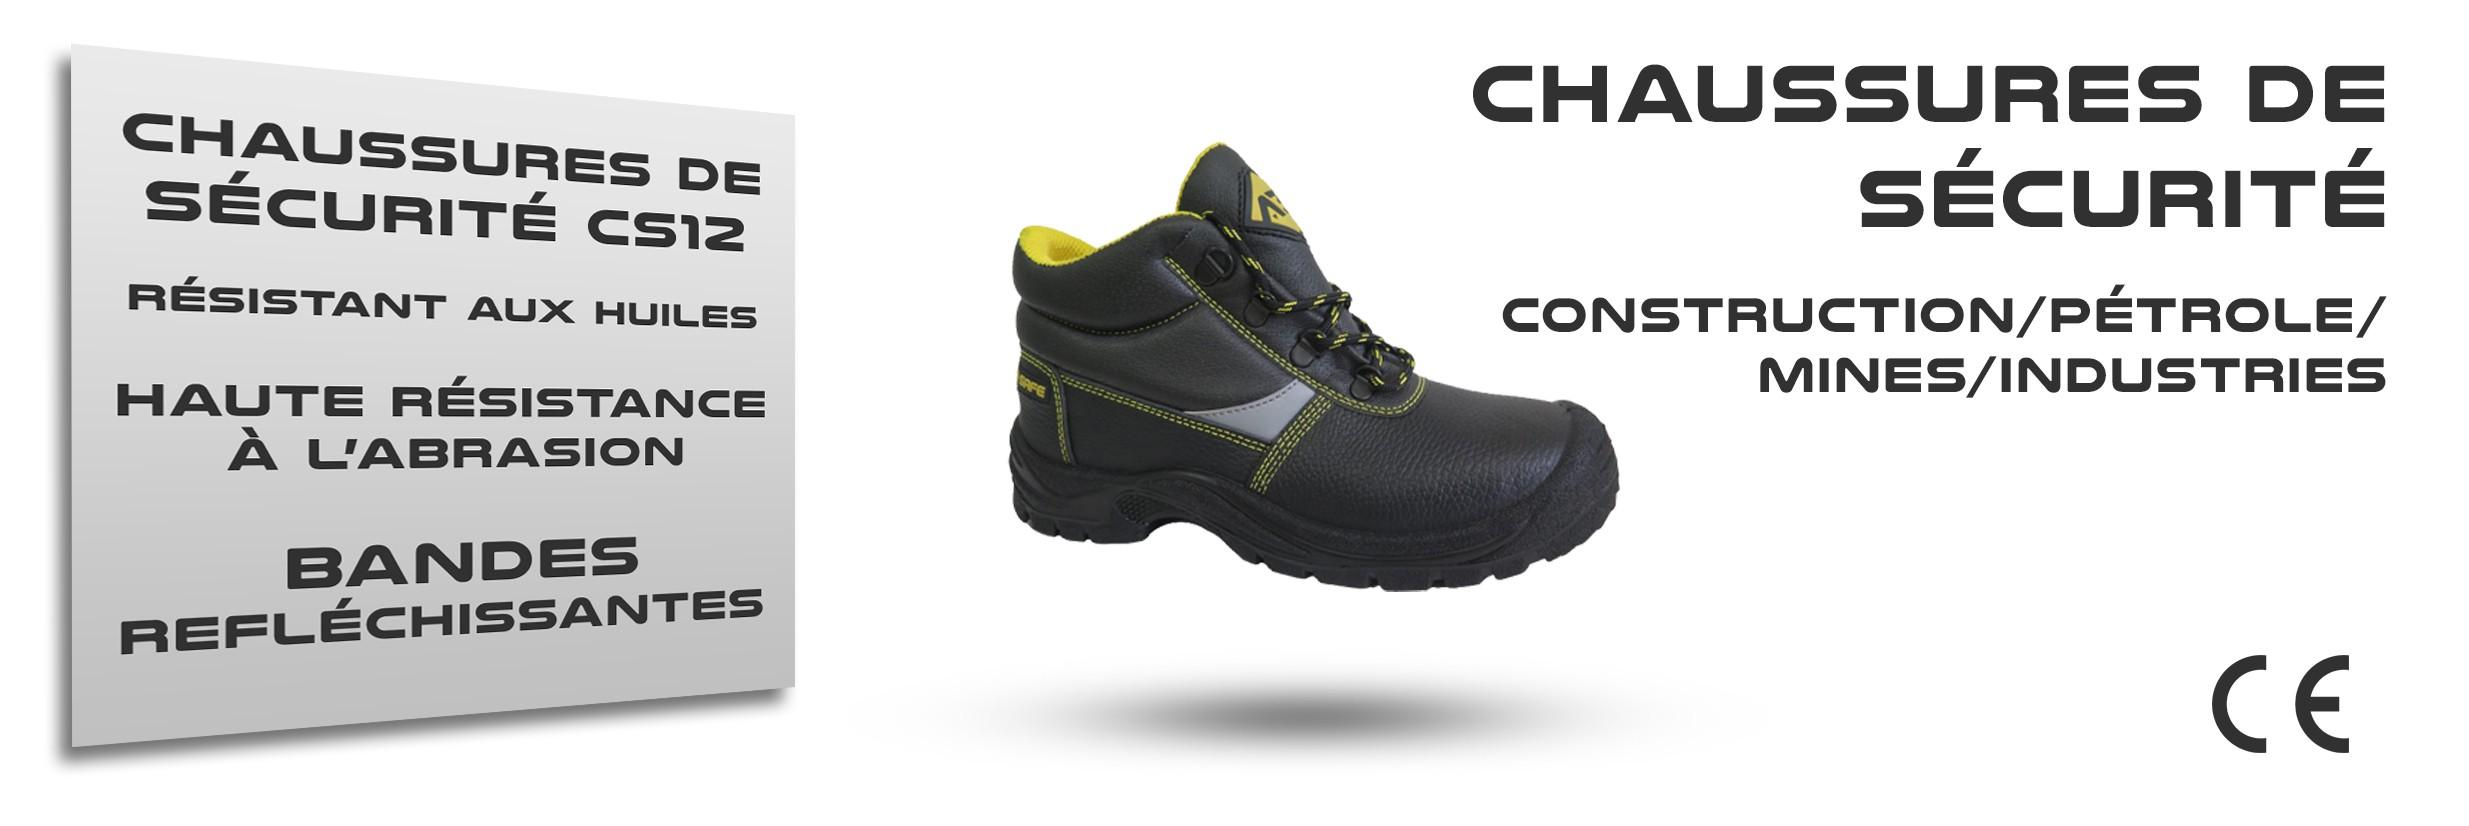 chaussure cs12